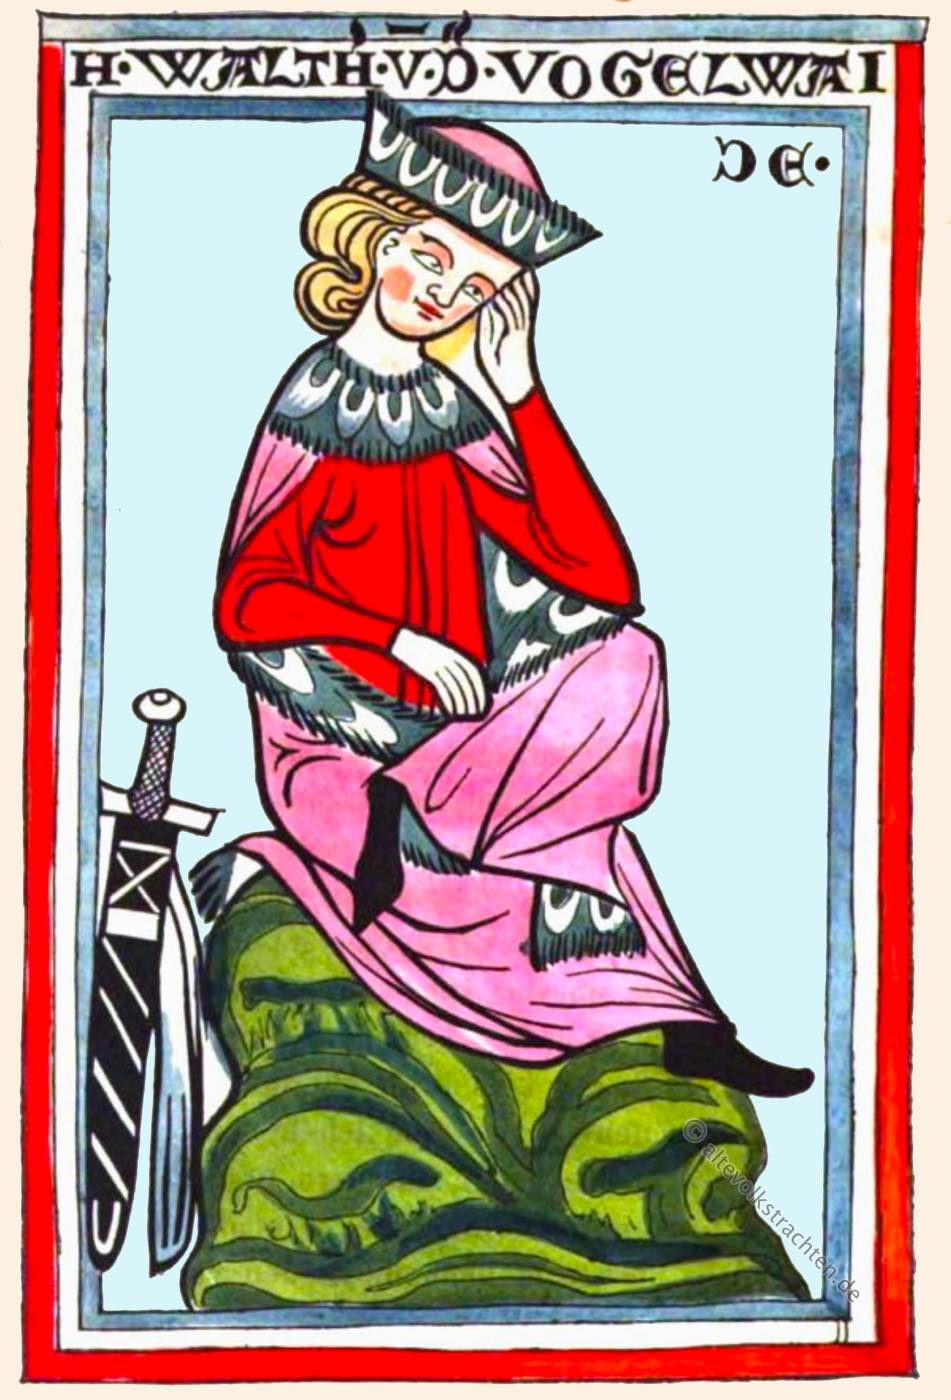 Minnesänger, Mittelalter, Musiker, Dichter, Walther von der Vogelweide,